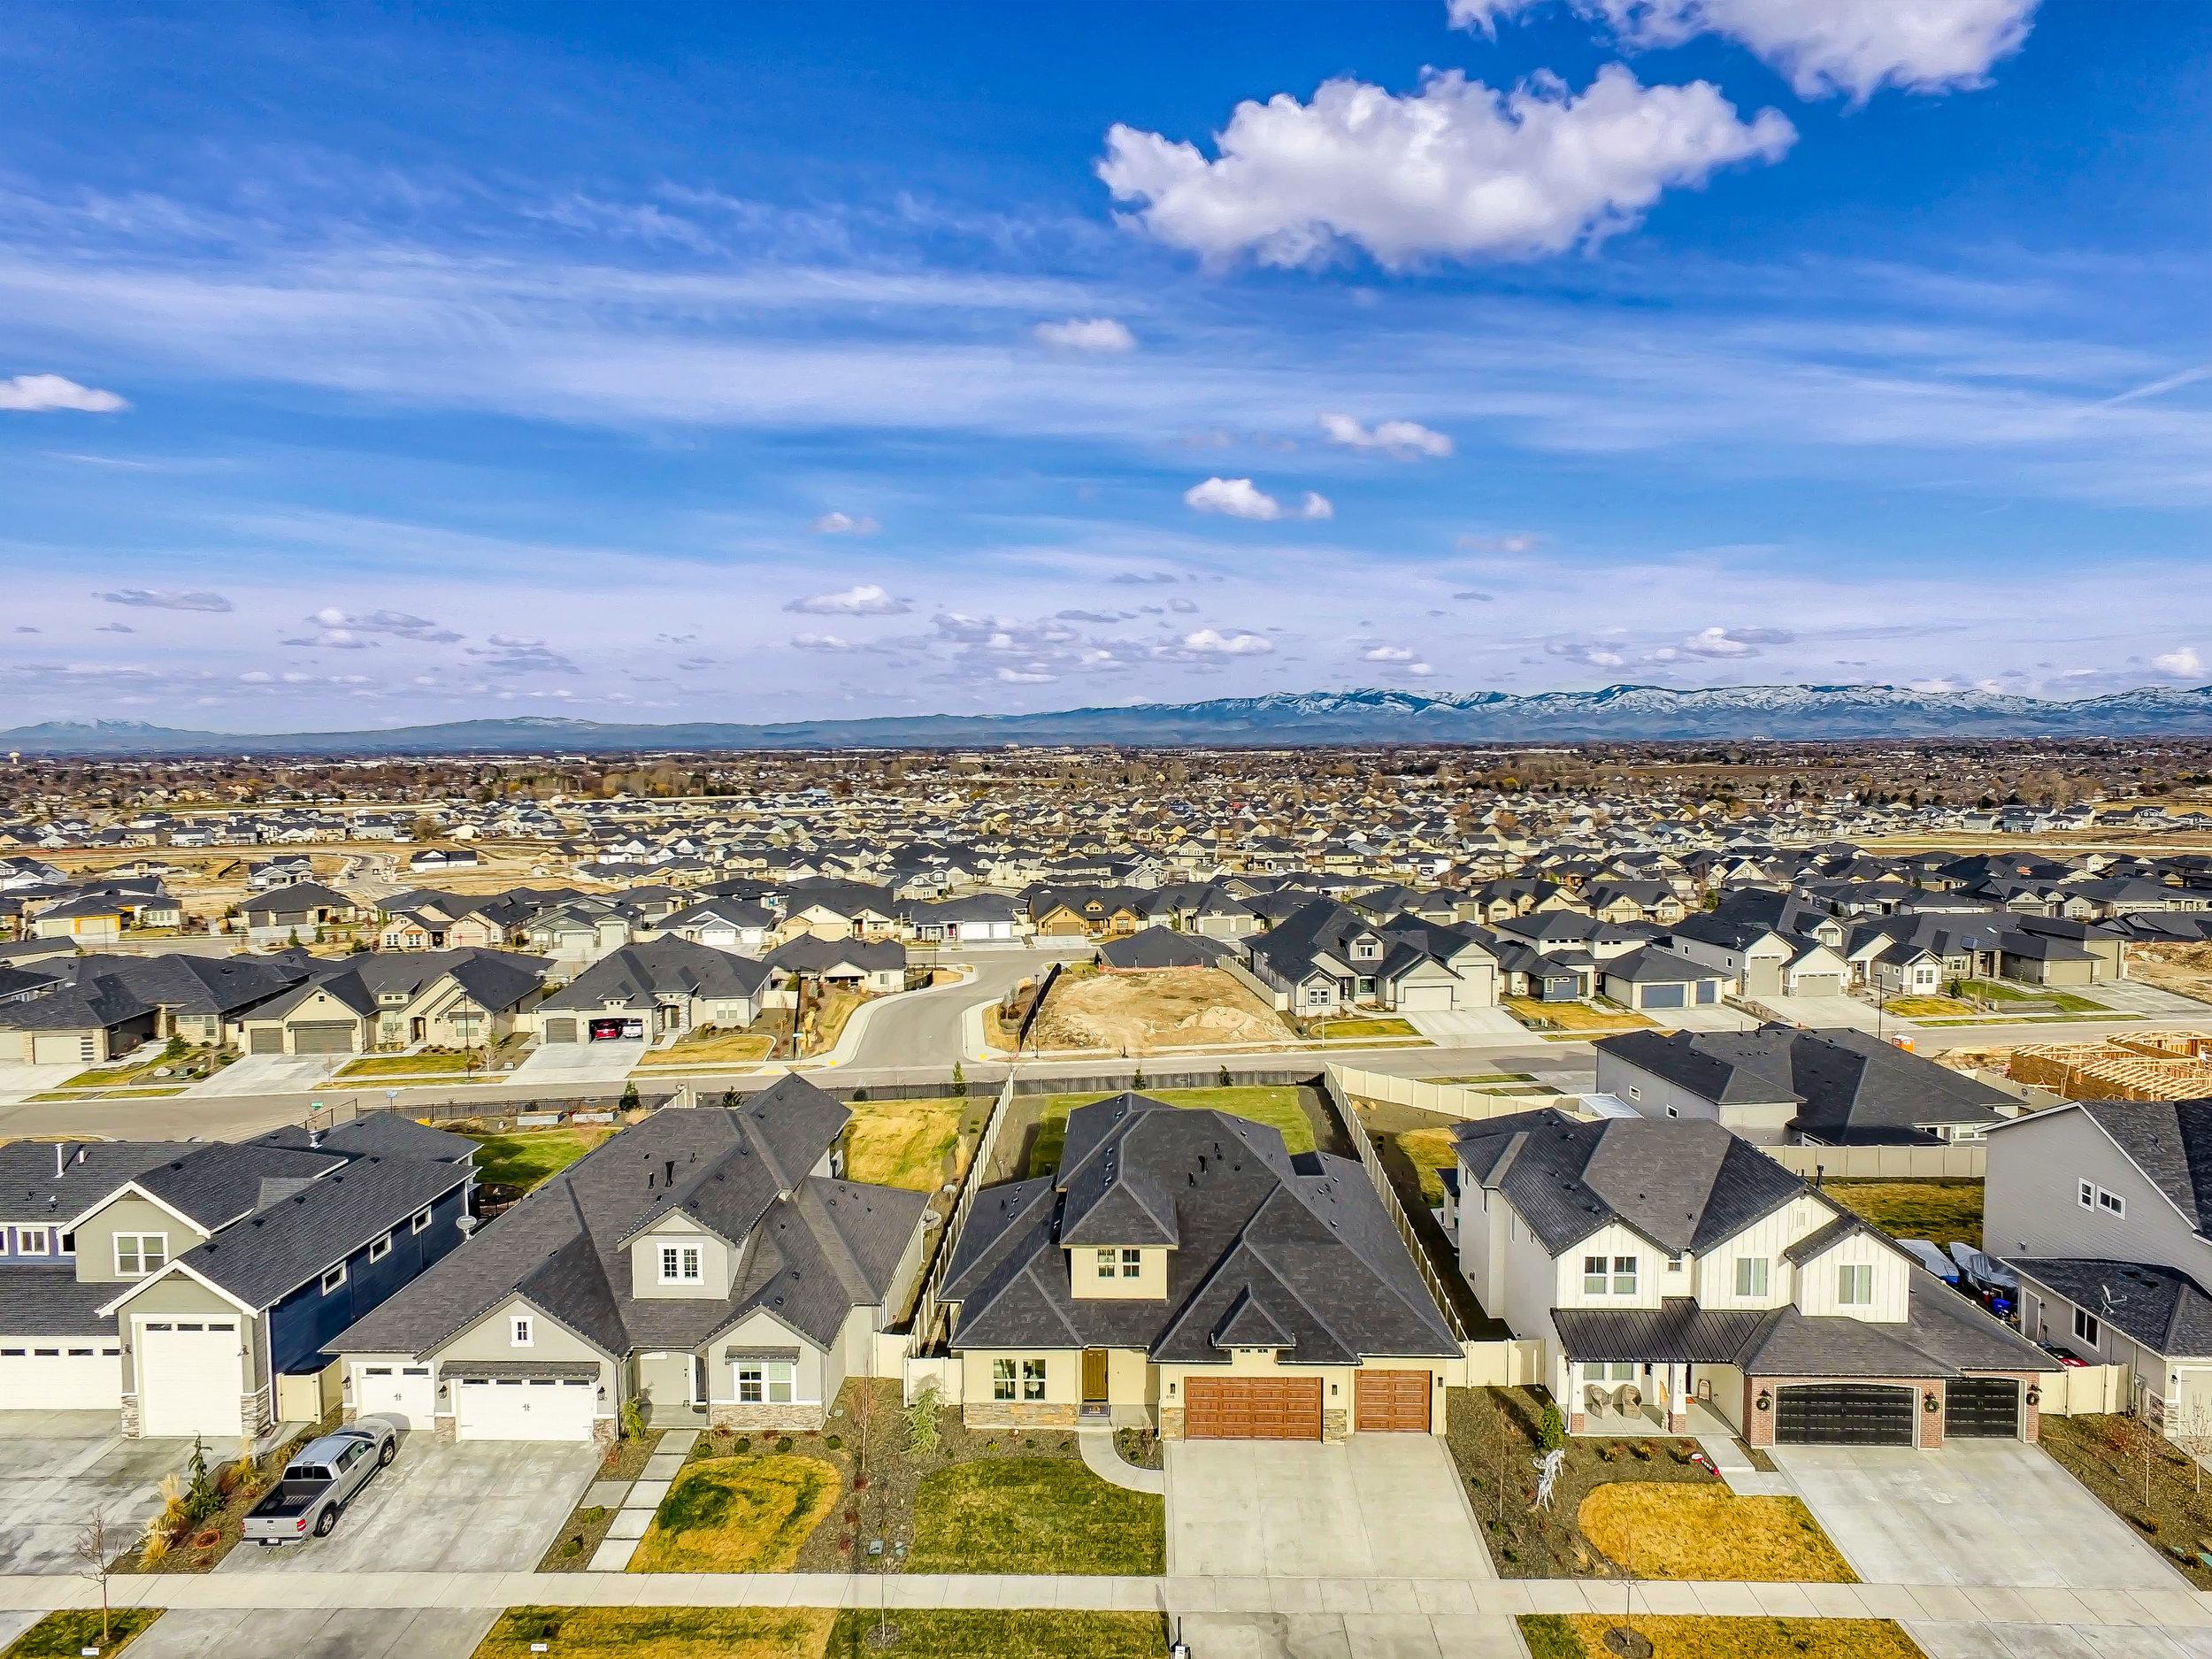 082_Aerial View.jpg